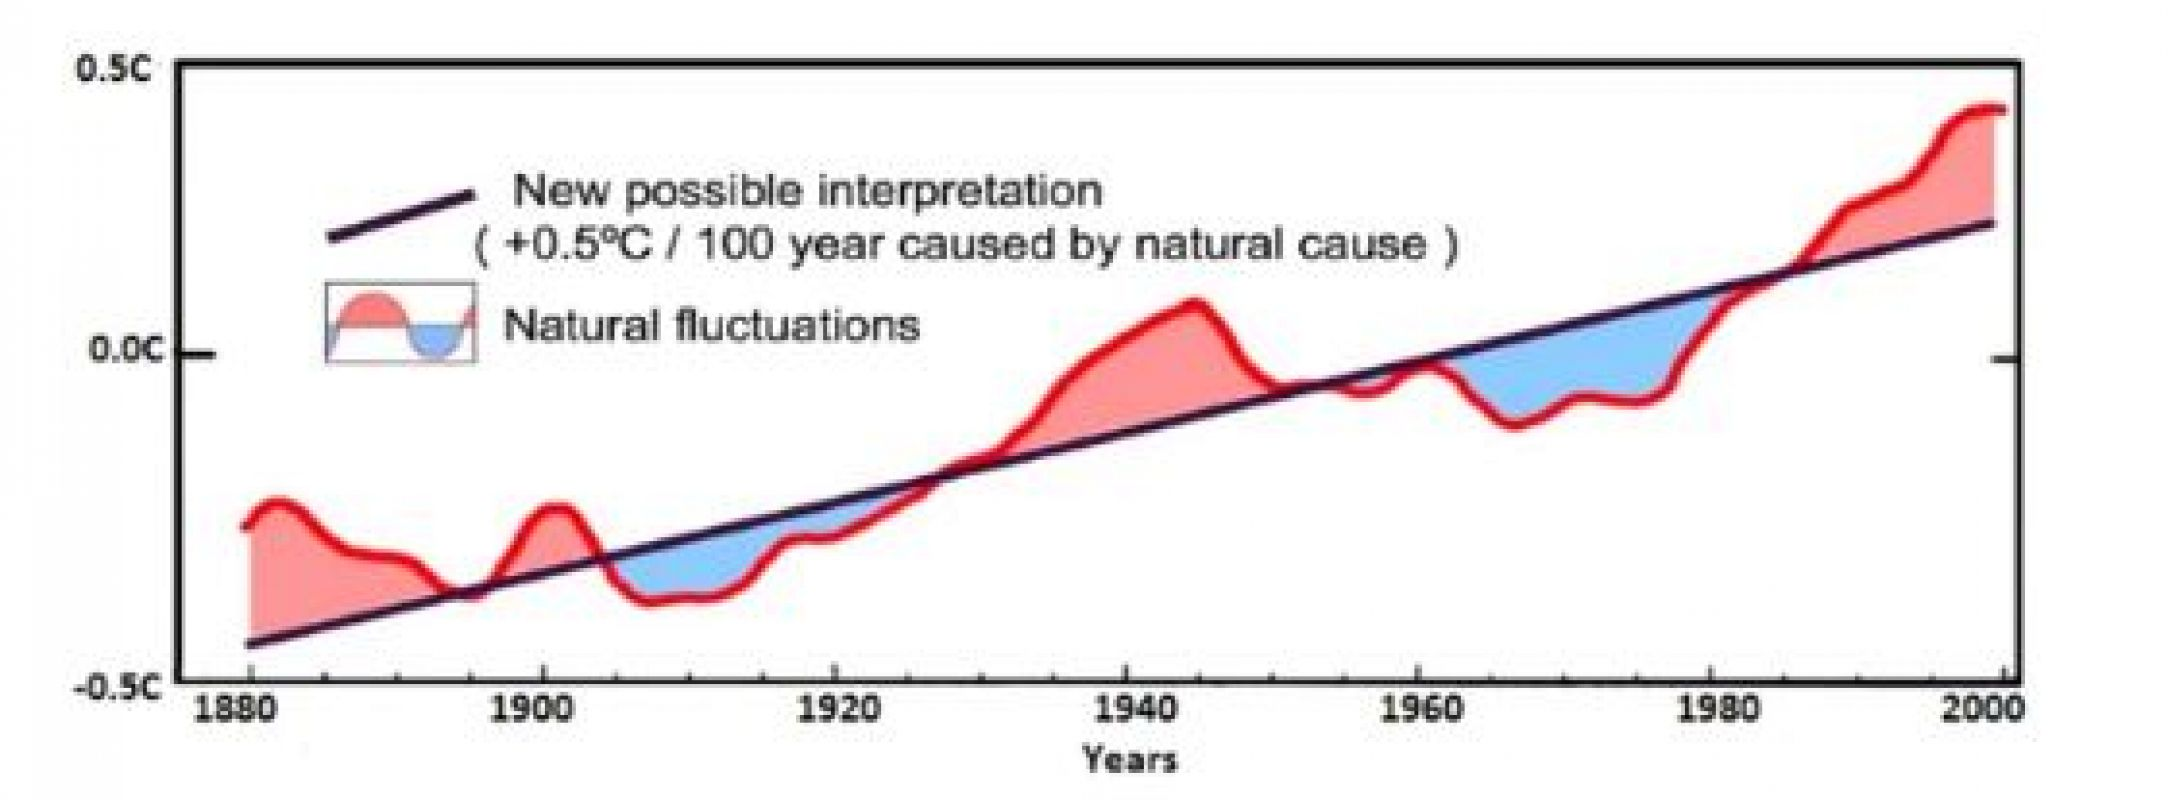 Сдвиги в активности Солнца ускорят глобальное потепление на Земле